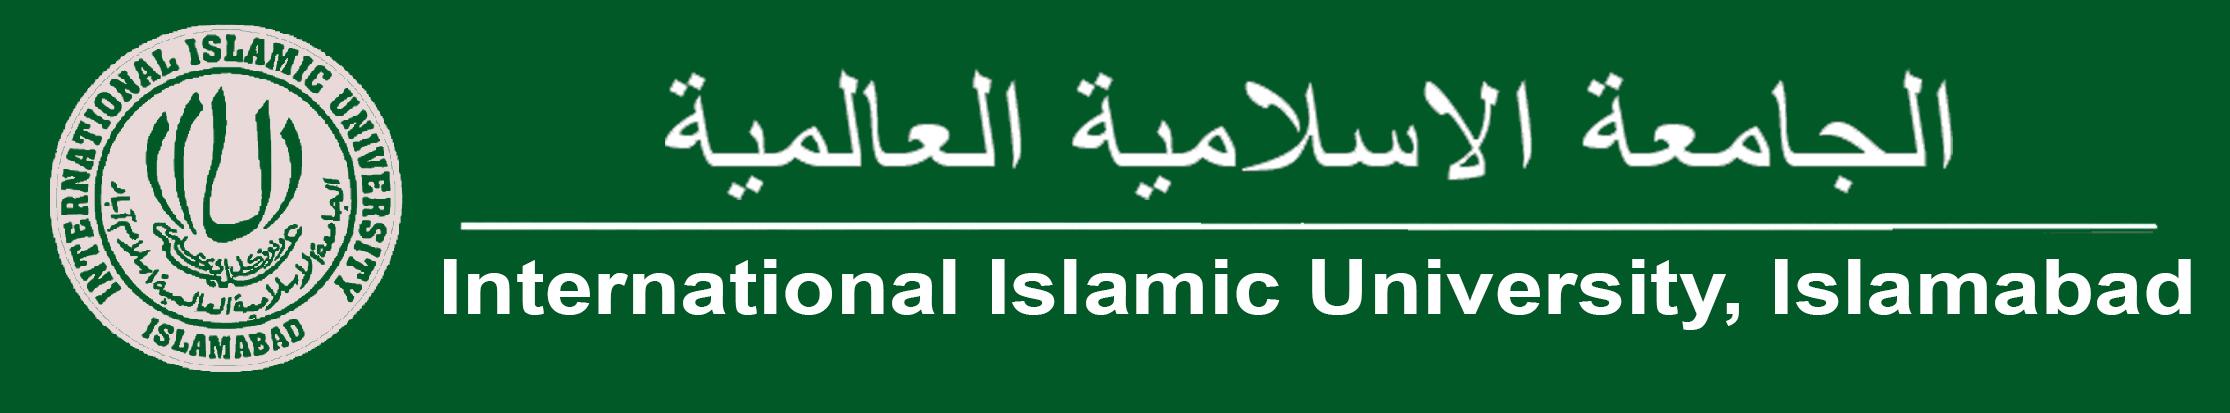 iiui logo